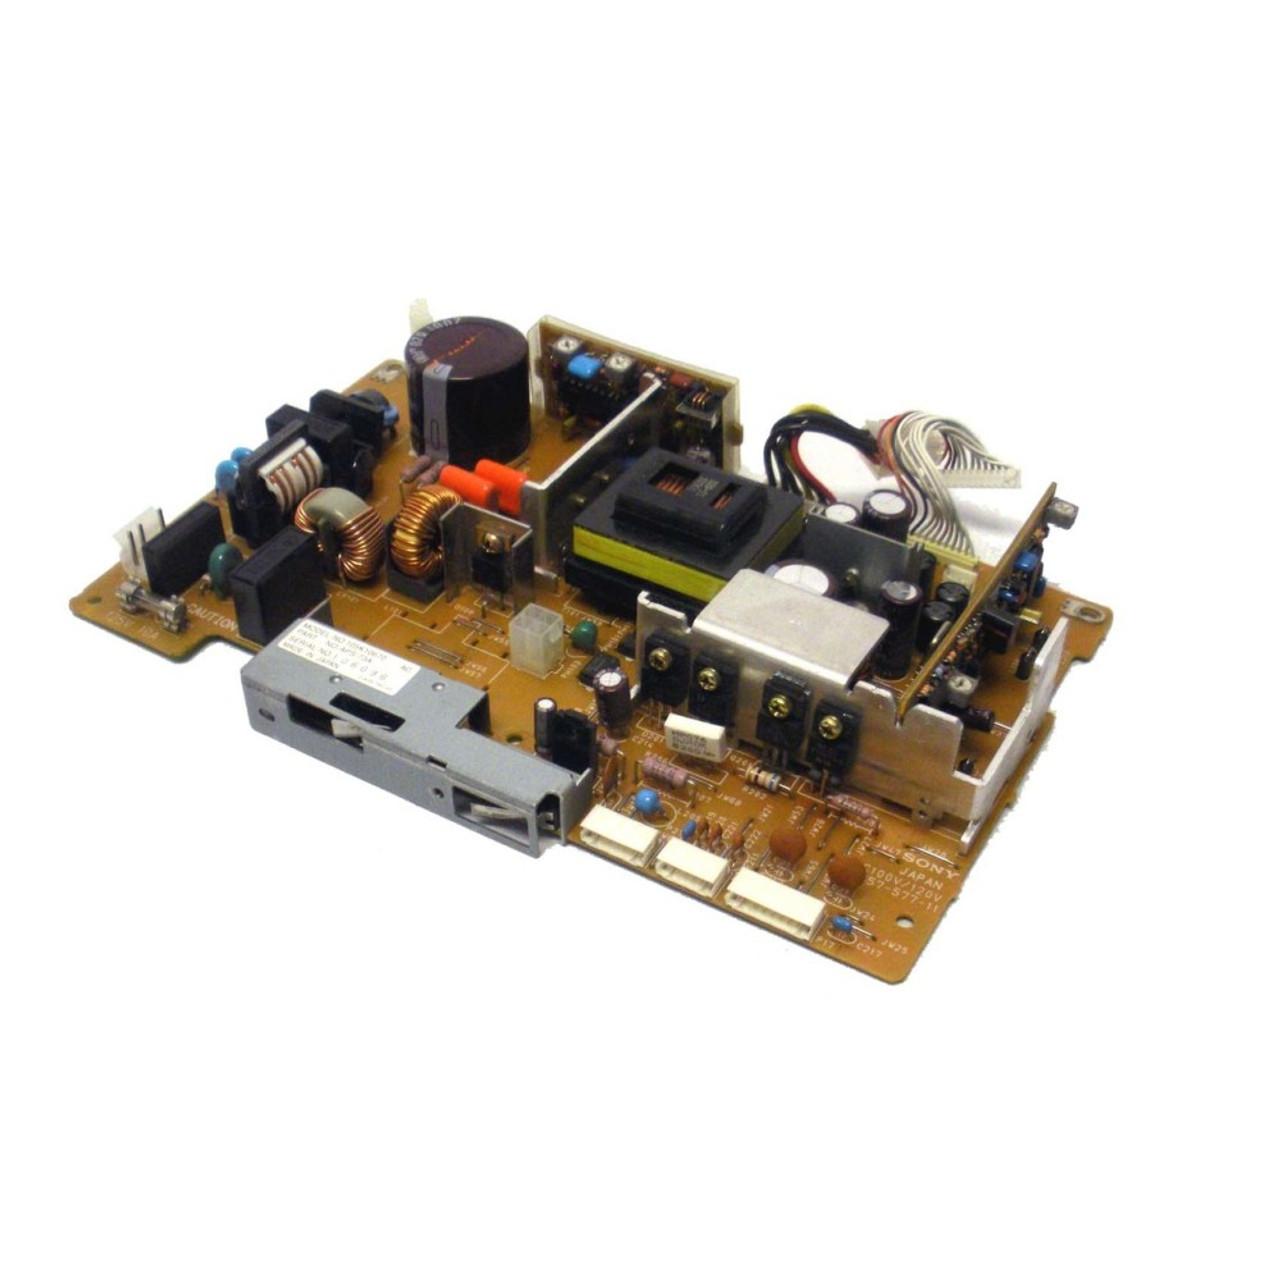 IBM 63H2275 Low Voltage Power Supply LVPS 100V/115V 4317